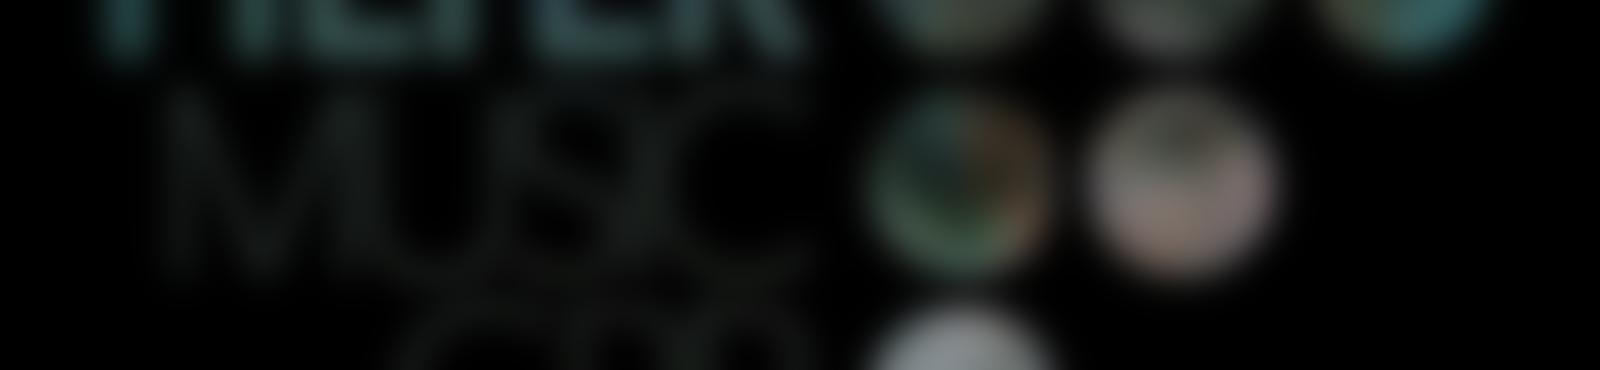 Blurred 15135959 333668947008225 8726926494702681085 n